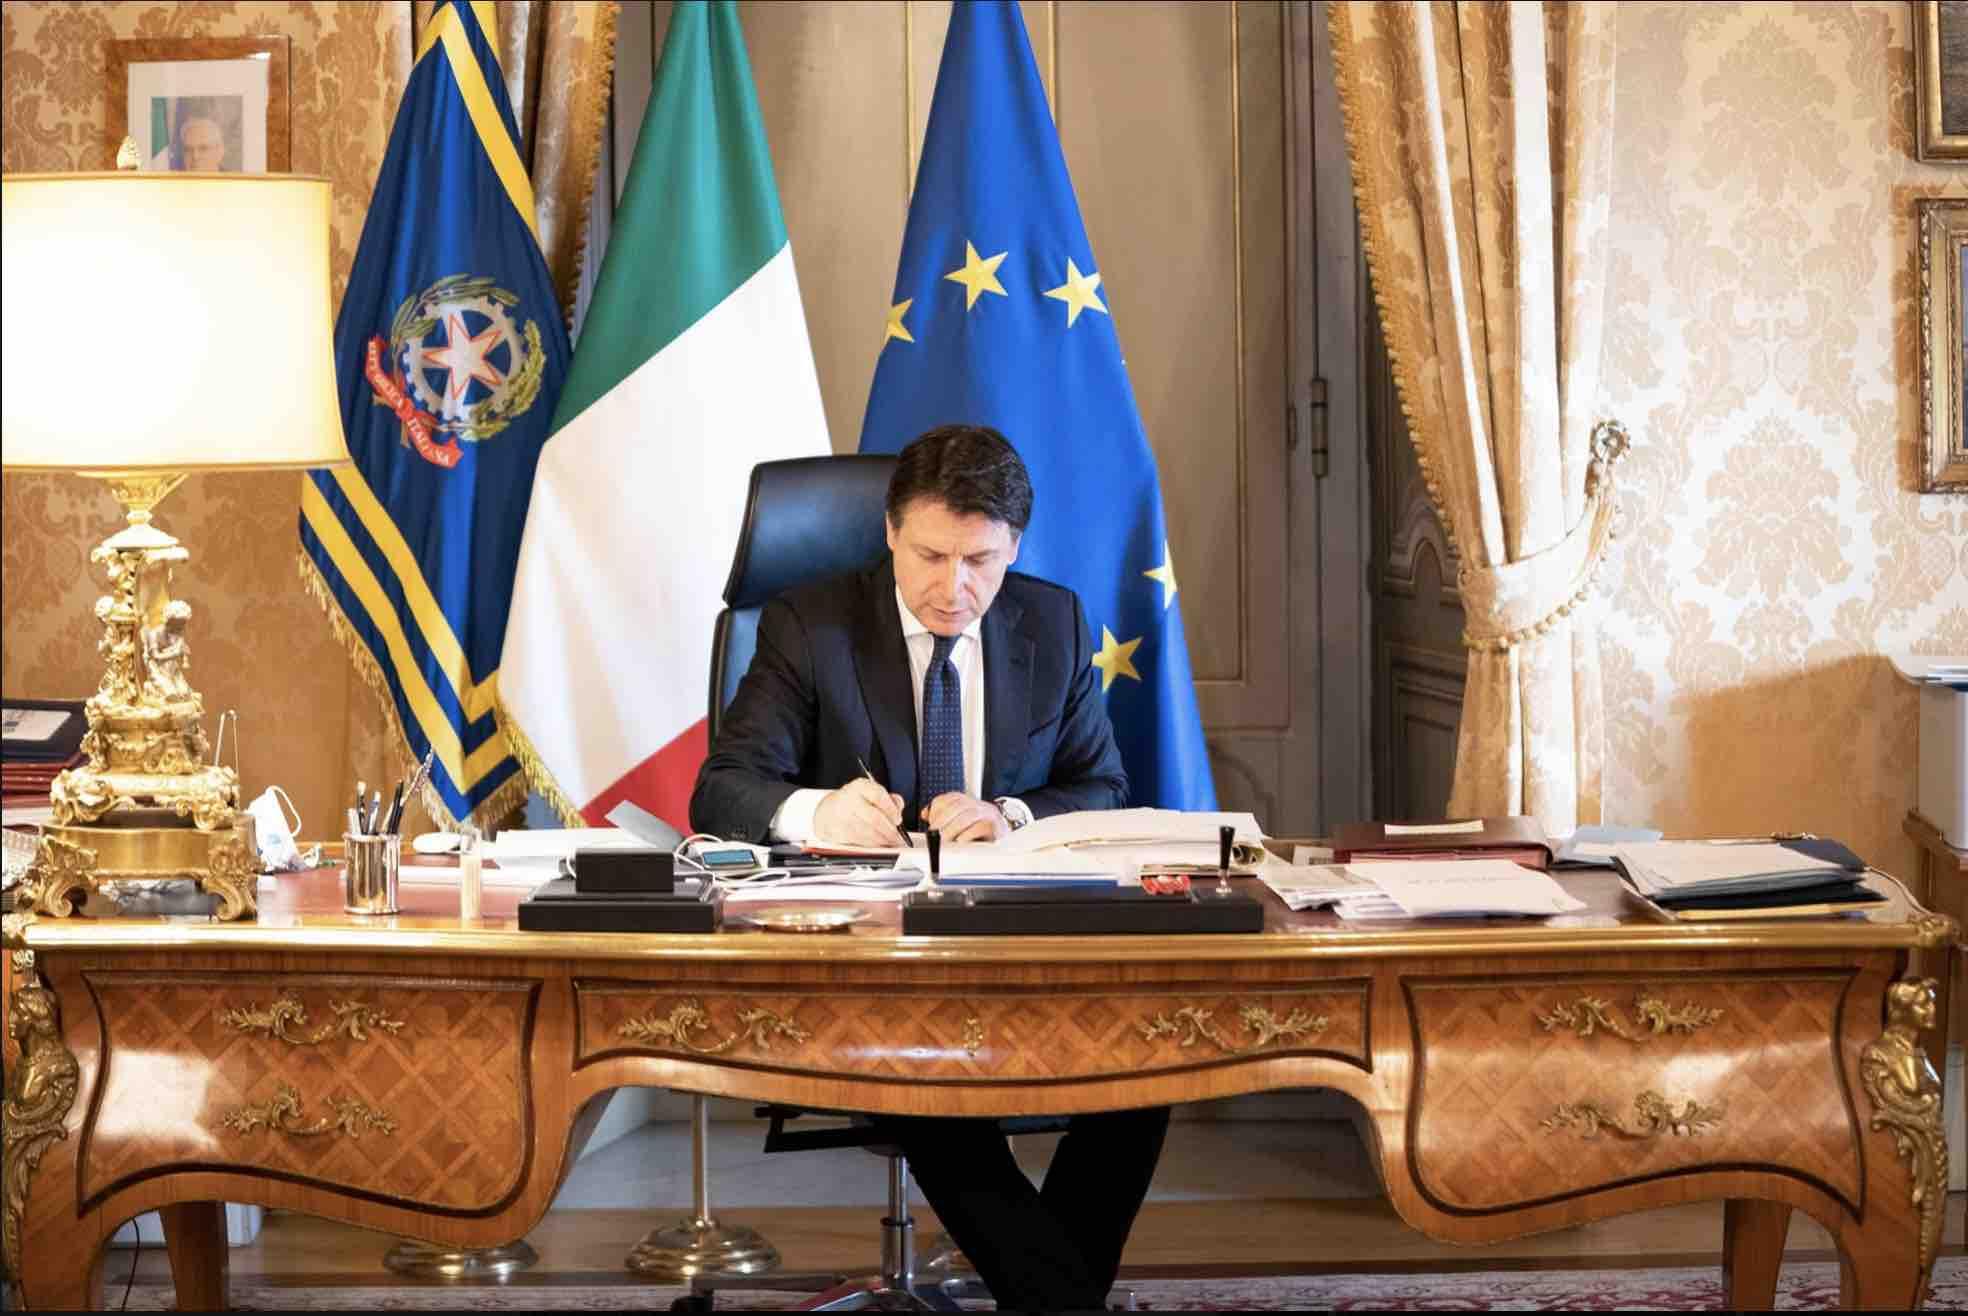 Giuseppe Conte Europa